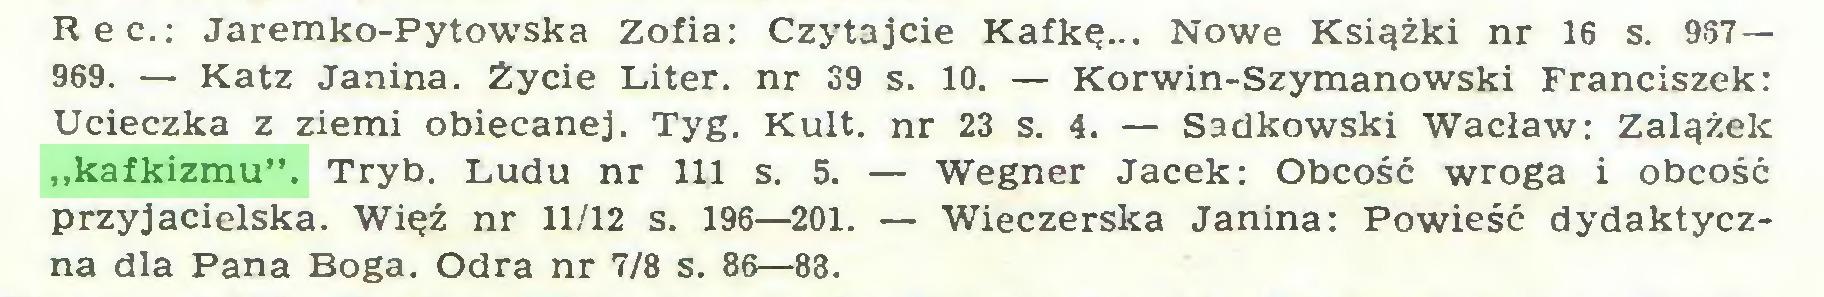 """(...) Rec.: Jaremko-Pytowska Zofia: Czytajcie Kafkę... Nowe Książki nr 16 s. 937— 969. — Katz Janina. Życie Liter, nr 39 s. 10. — Korwin-Szymanowski Franciszek: Ucieczka z ziemi obiecanej. Tyg. Kult. nr 23 s. 4. — Sadkowski Wacław: Zalążek """"kafkizmu"""". Tryb. Ludu nr 111 s. 5. — Wegner Jacek: Obcość wroga i obcość przyjacielska. Więź nr 11/12 s. 196—201. — Wieczerska Janina: Powieść dydaktyczna dla Pana Boga. Odra nr 7/8 s. 86—83..."""